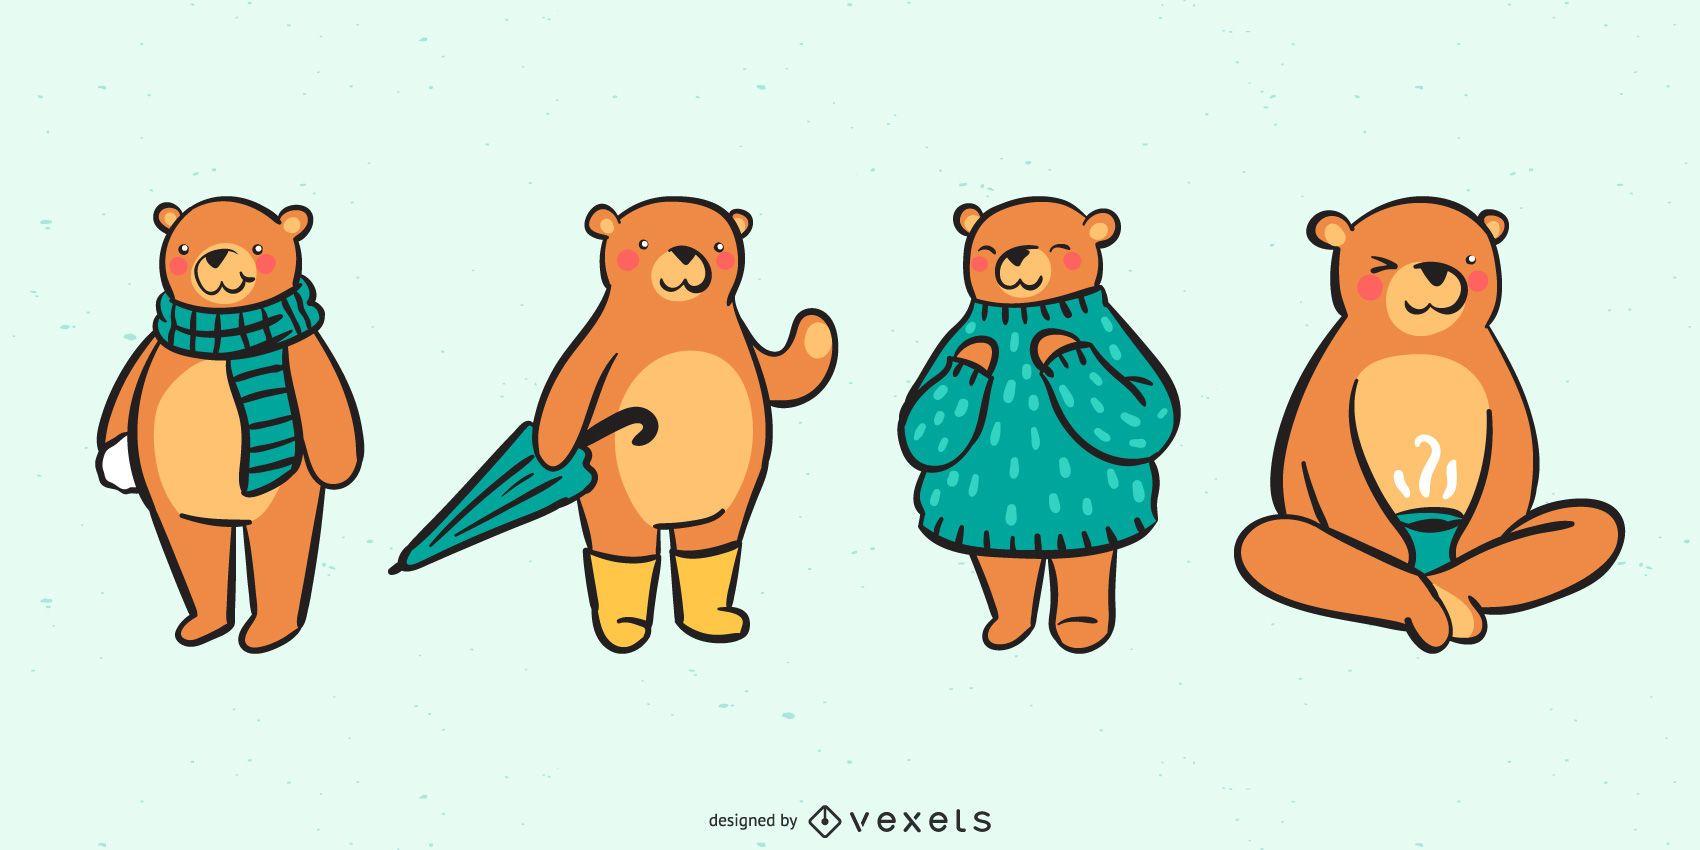 Adorable Bear Collection